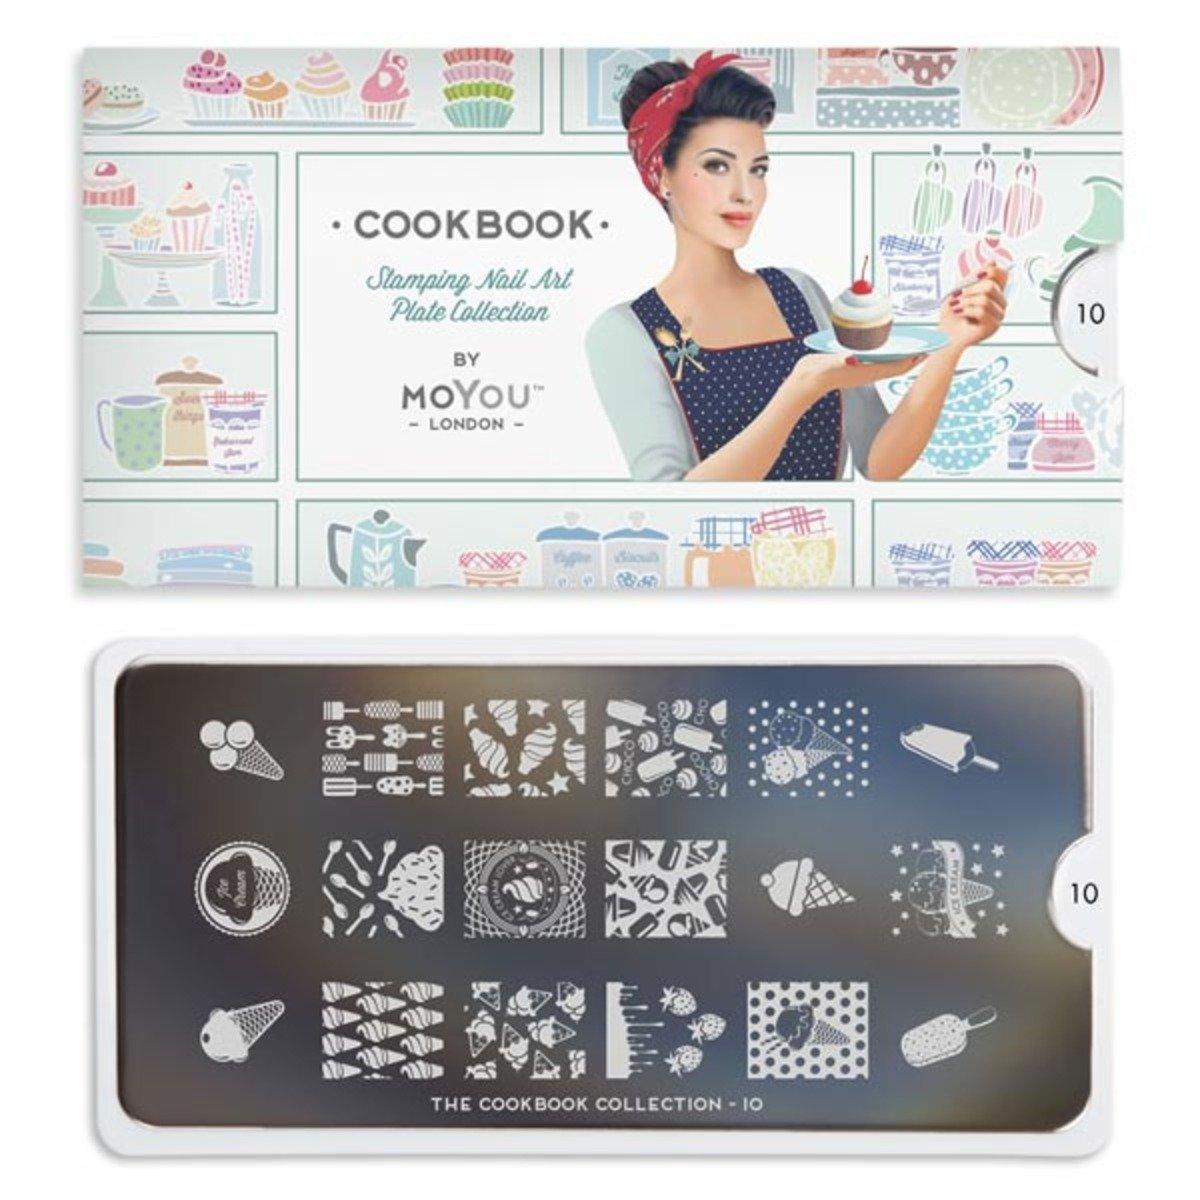 印花板 - 廚娘系列 10